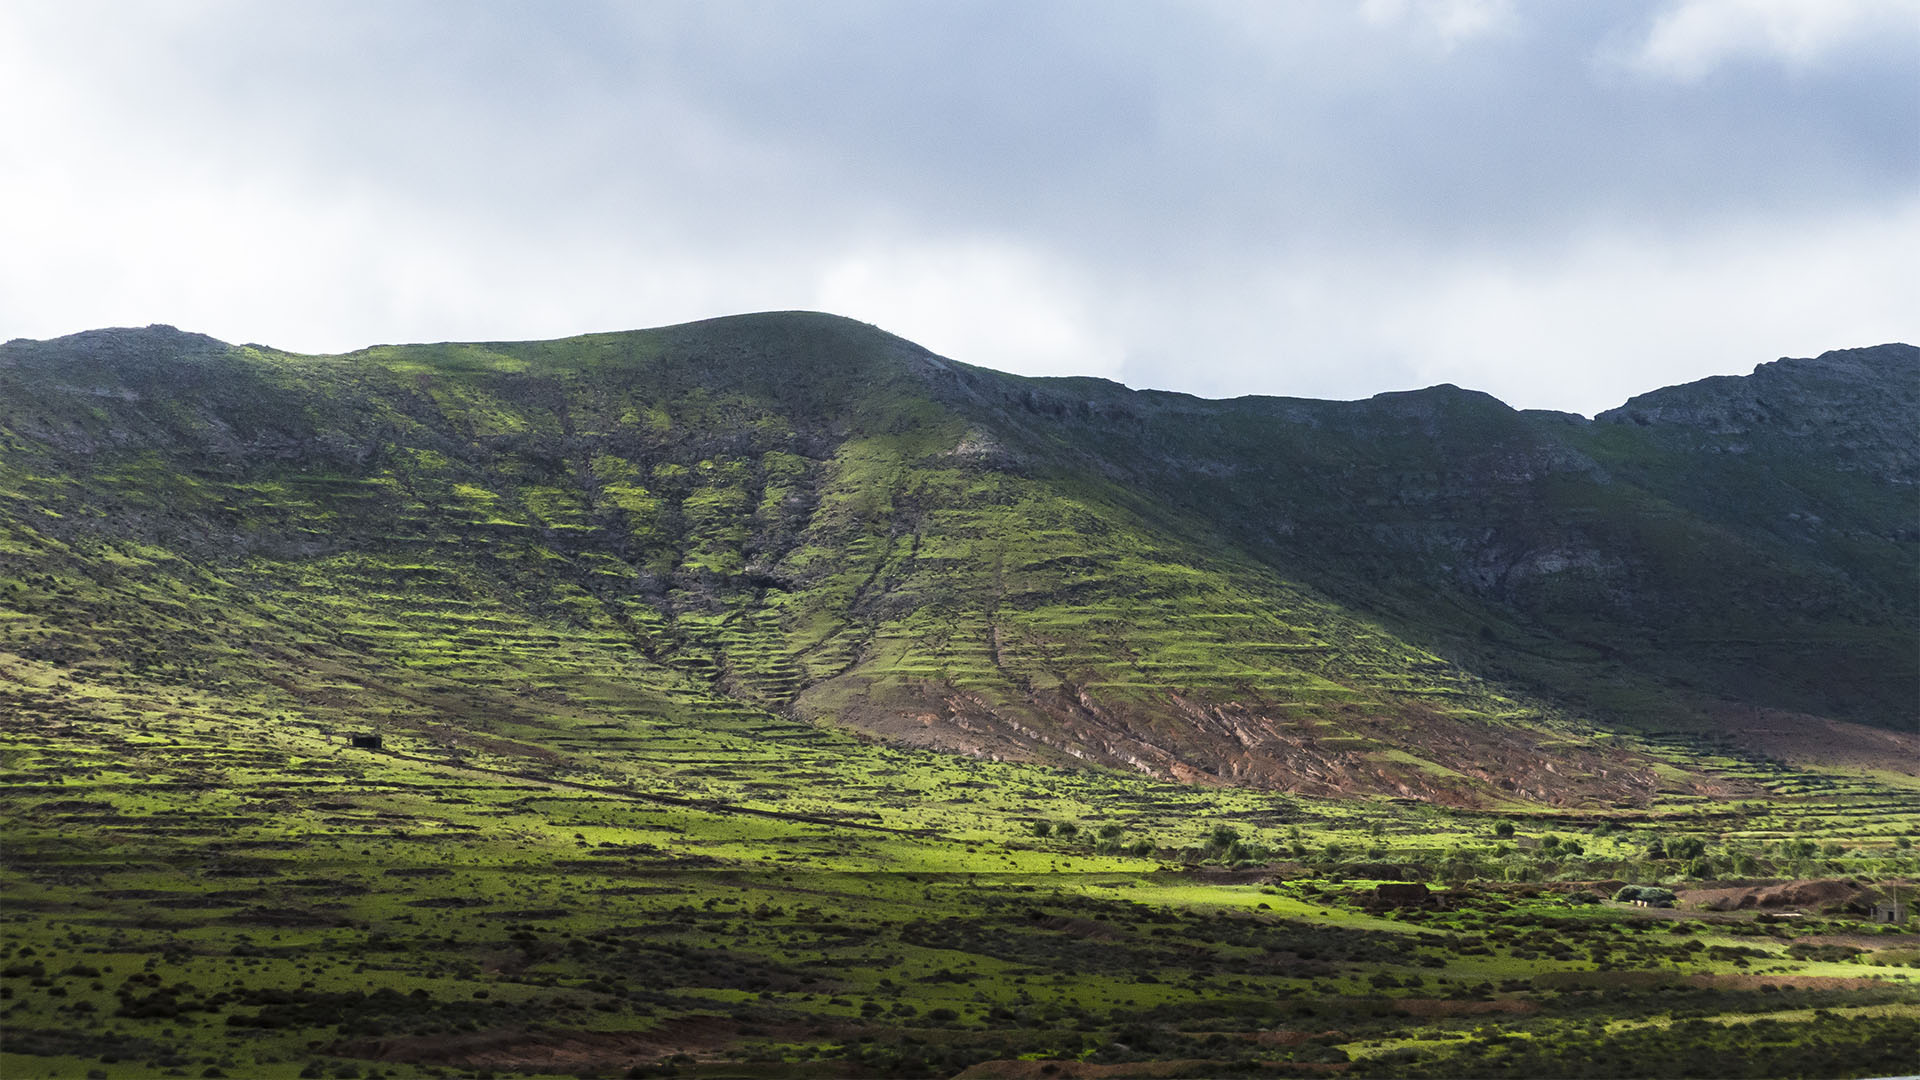 Montaña de Sant Andrés blick in das Valle de Tetir.